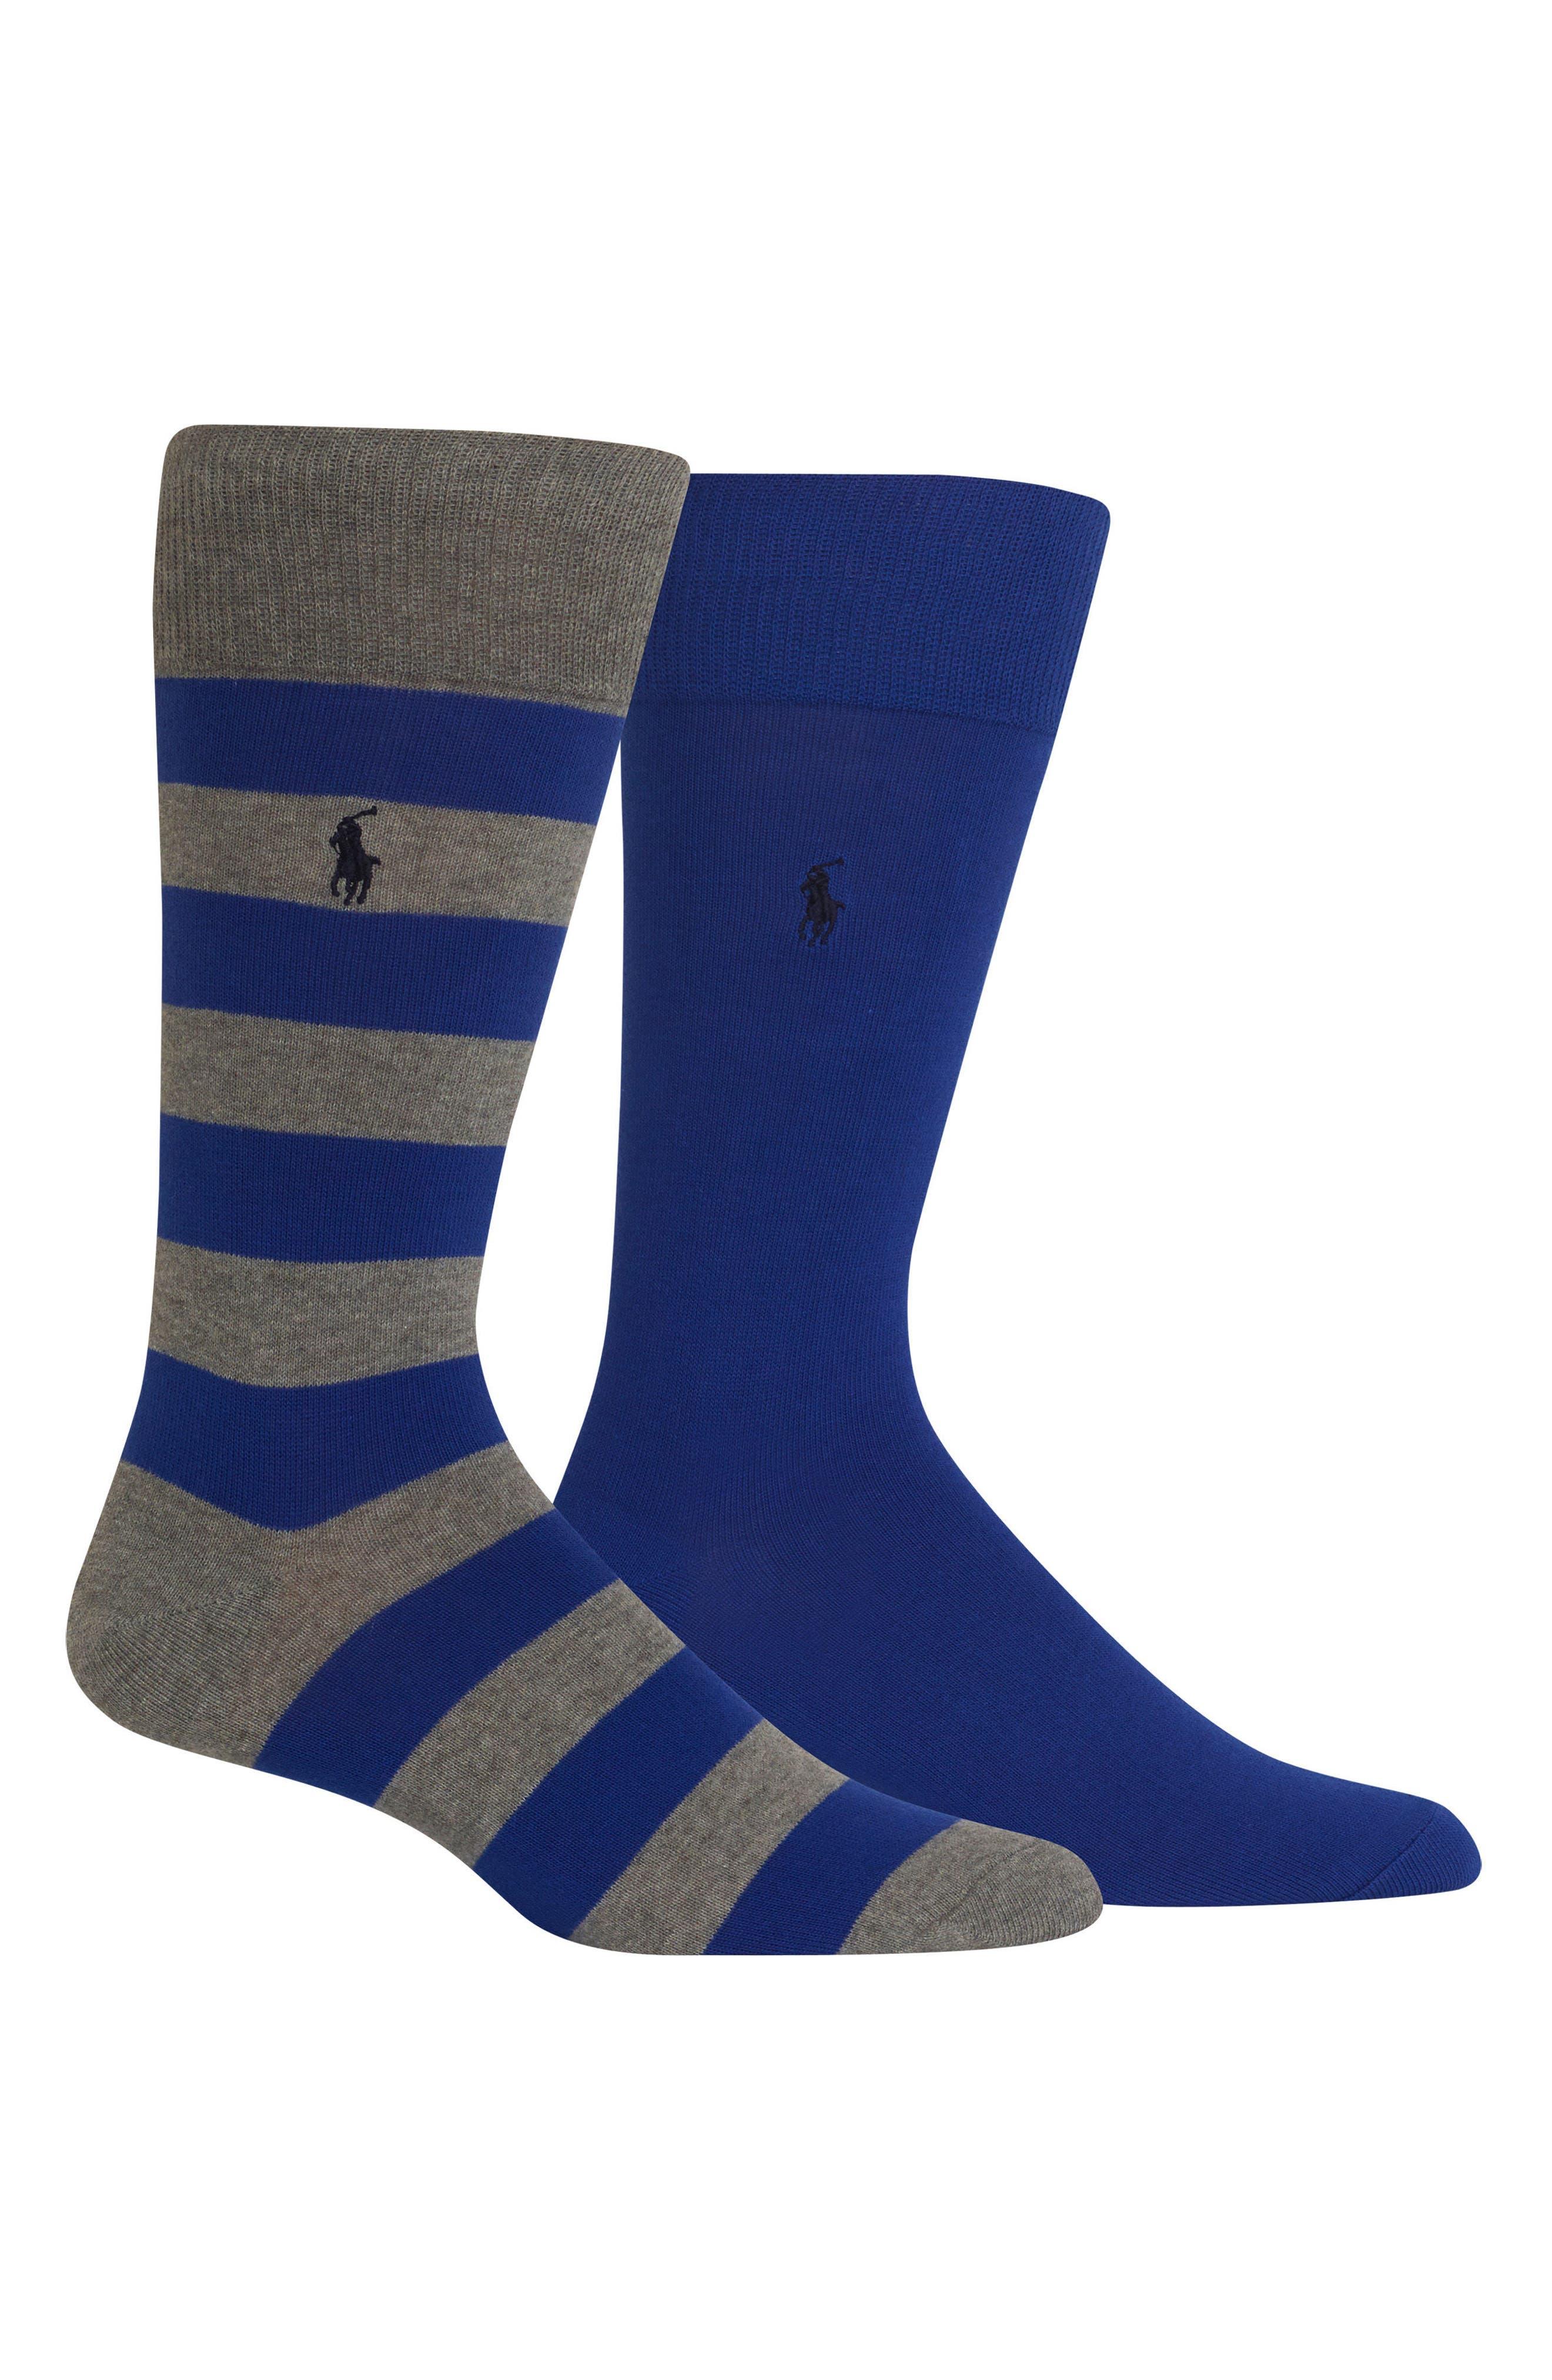 Cotton Blend Socks,                         Main,                         color,